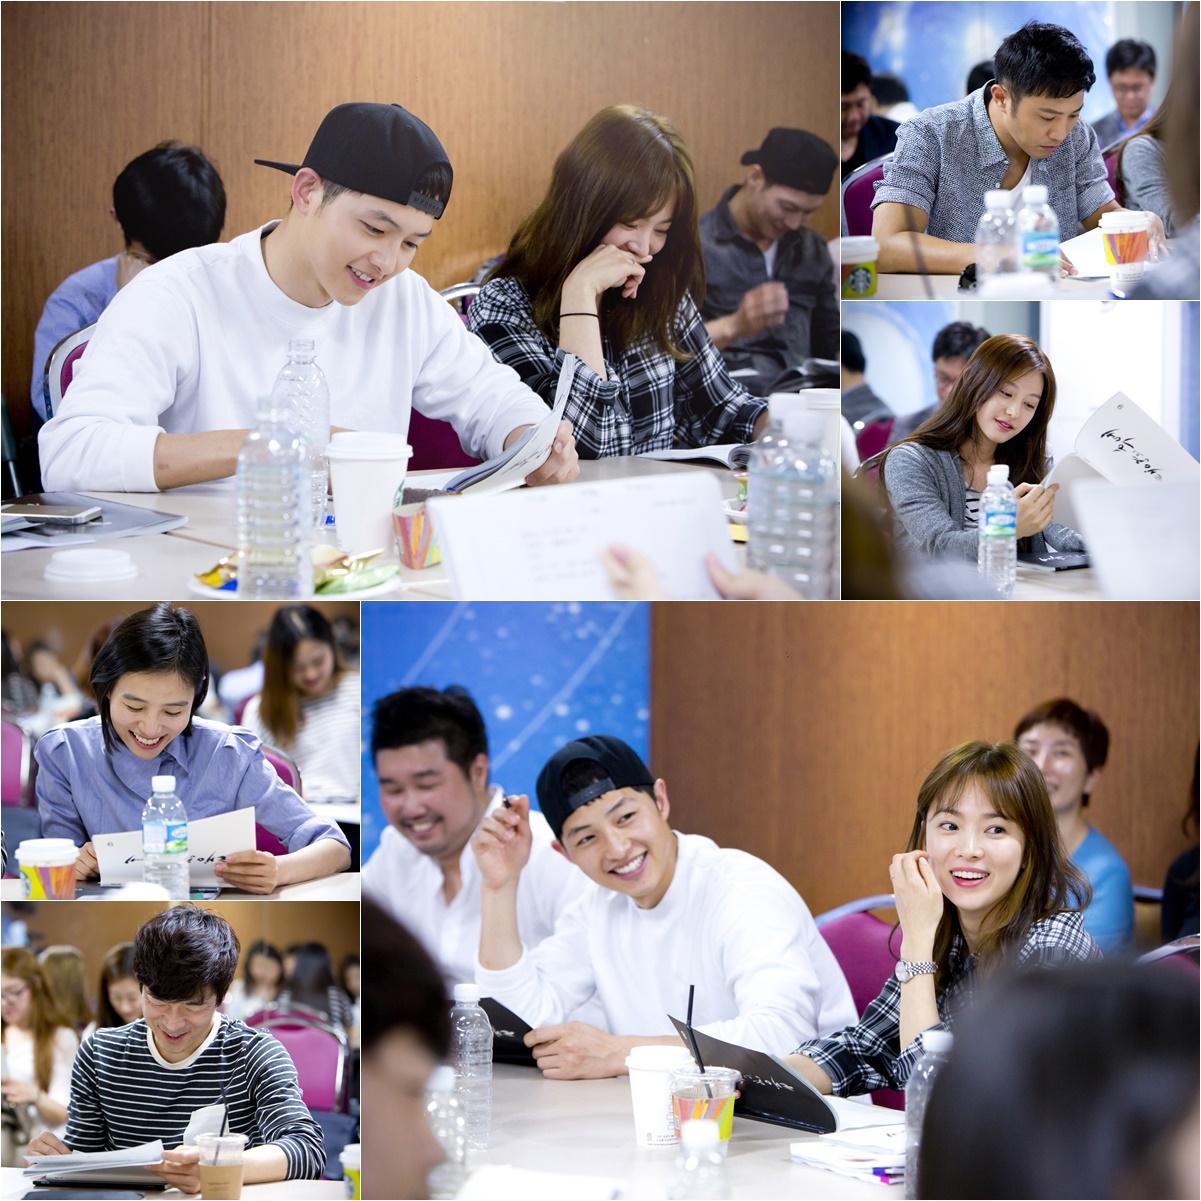 Сон Чжун Ки / Song Joong Ki / Розанчик - Страница 10 Song-hye-kyo-song-joong-ki